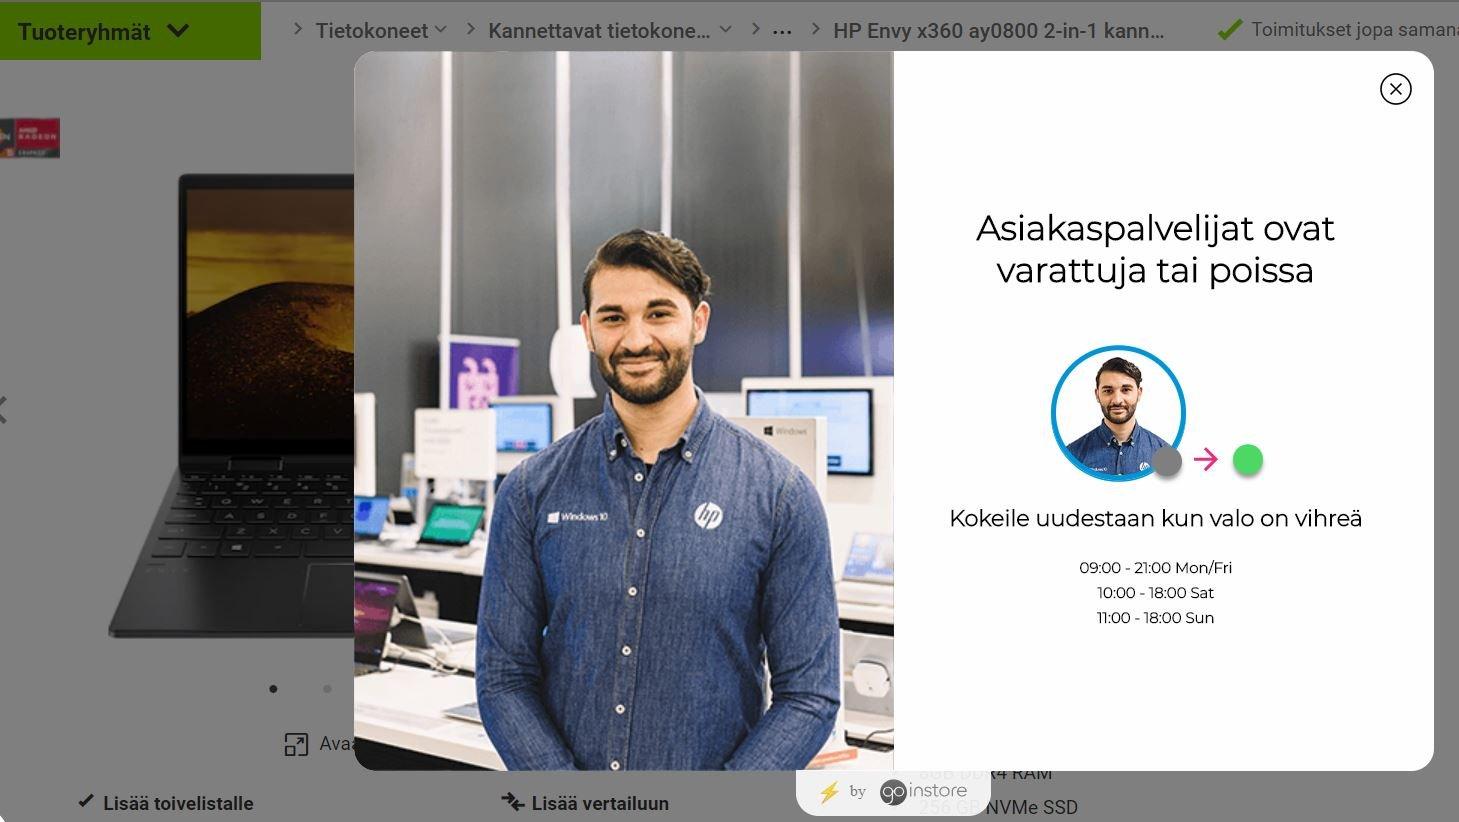 online-promootiot-hp